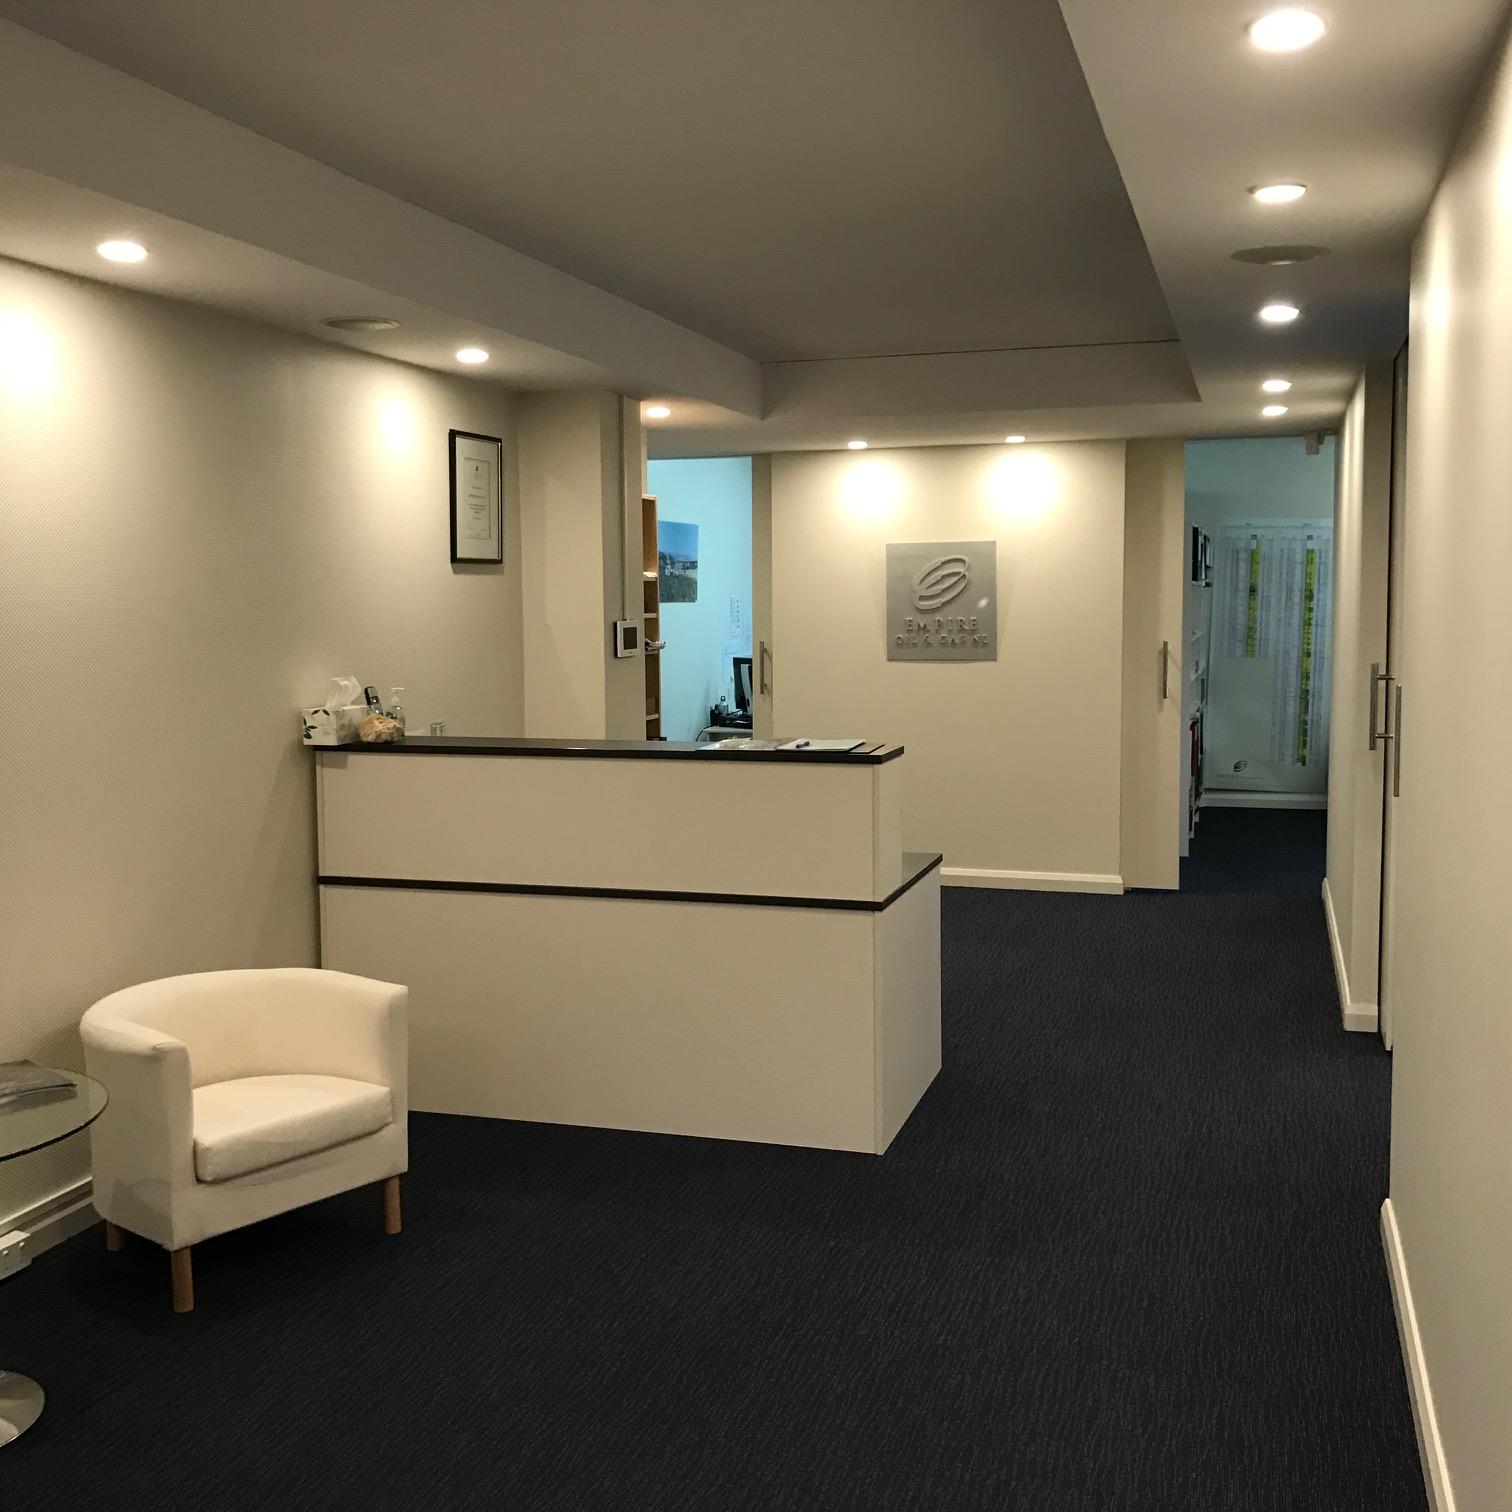 Ground Floor Reception